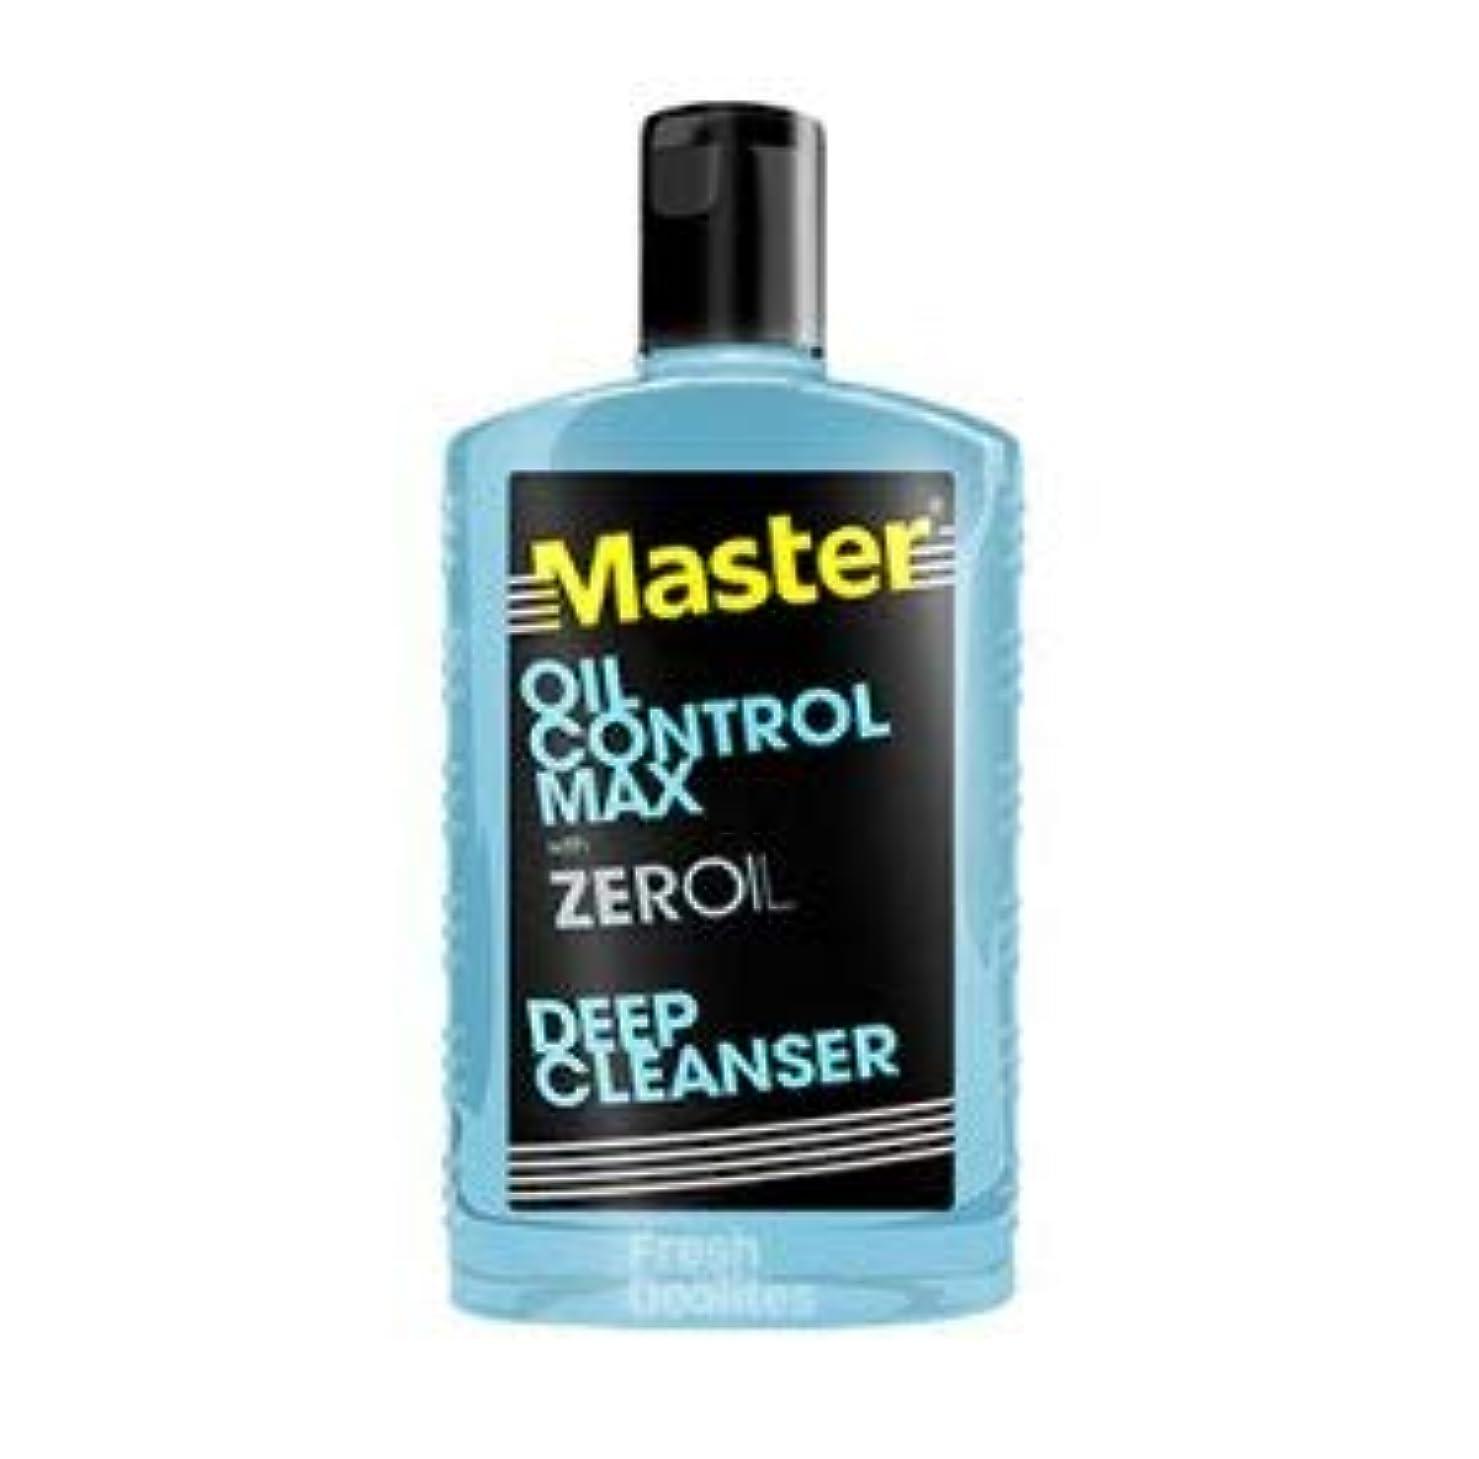 リンスステッチ年金Master OIL CONTROL MAX with ZEROIL 135ml【PHILIPPINES】